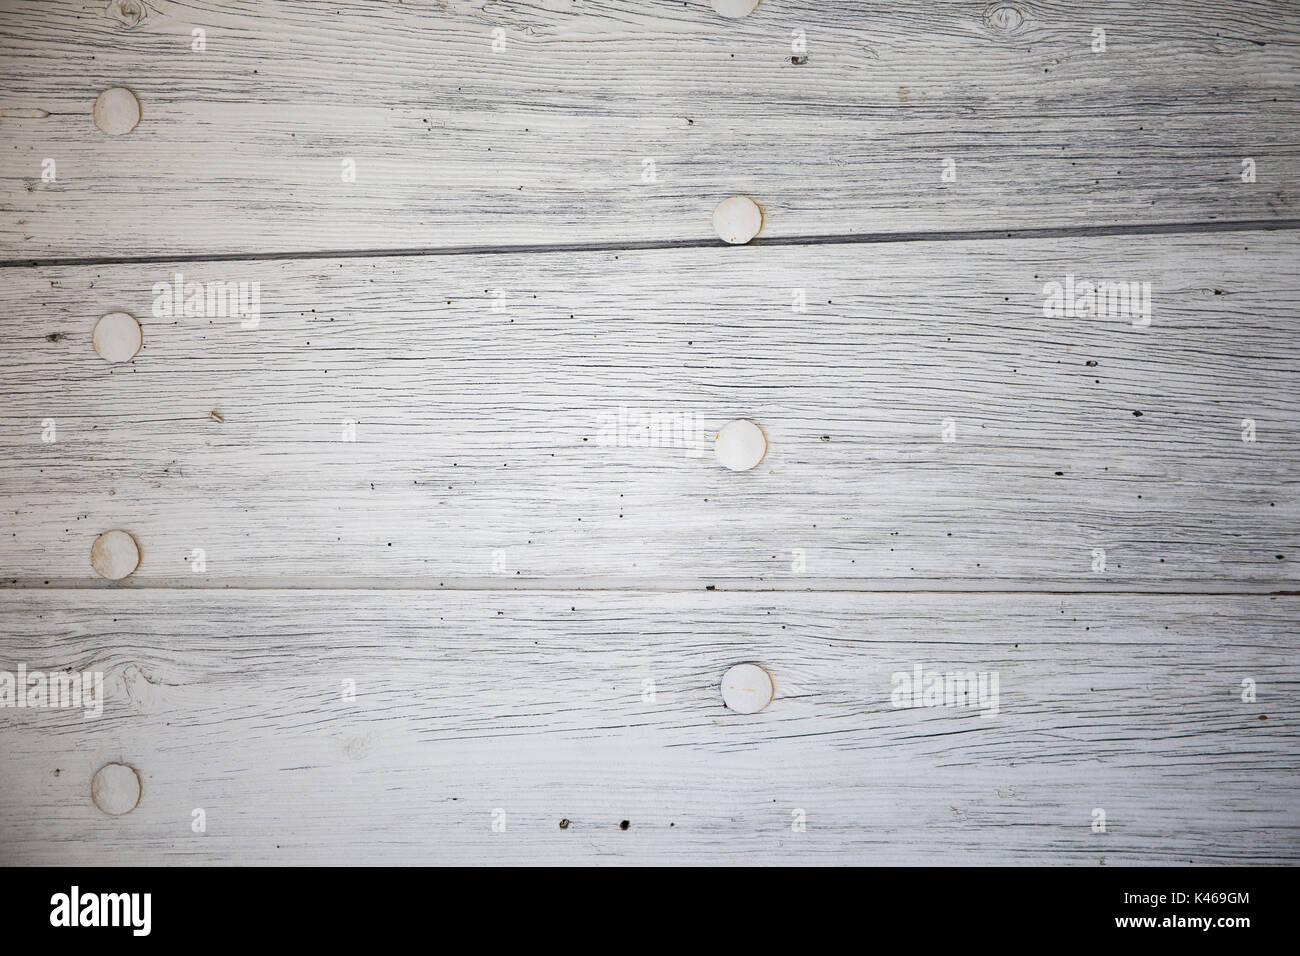 Legno Bianco Vintage : Legno bianco sfondo vintage foto immagine stock